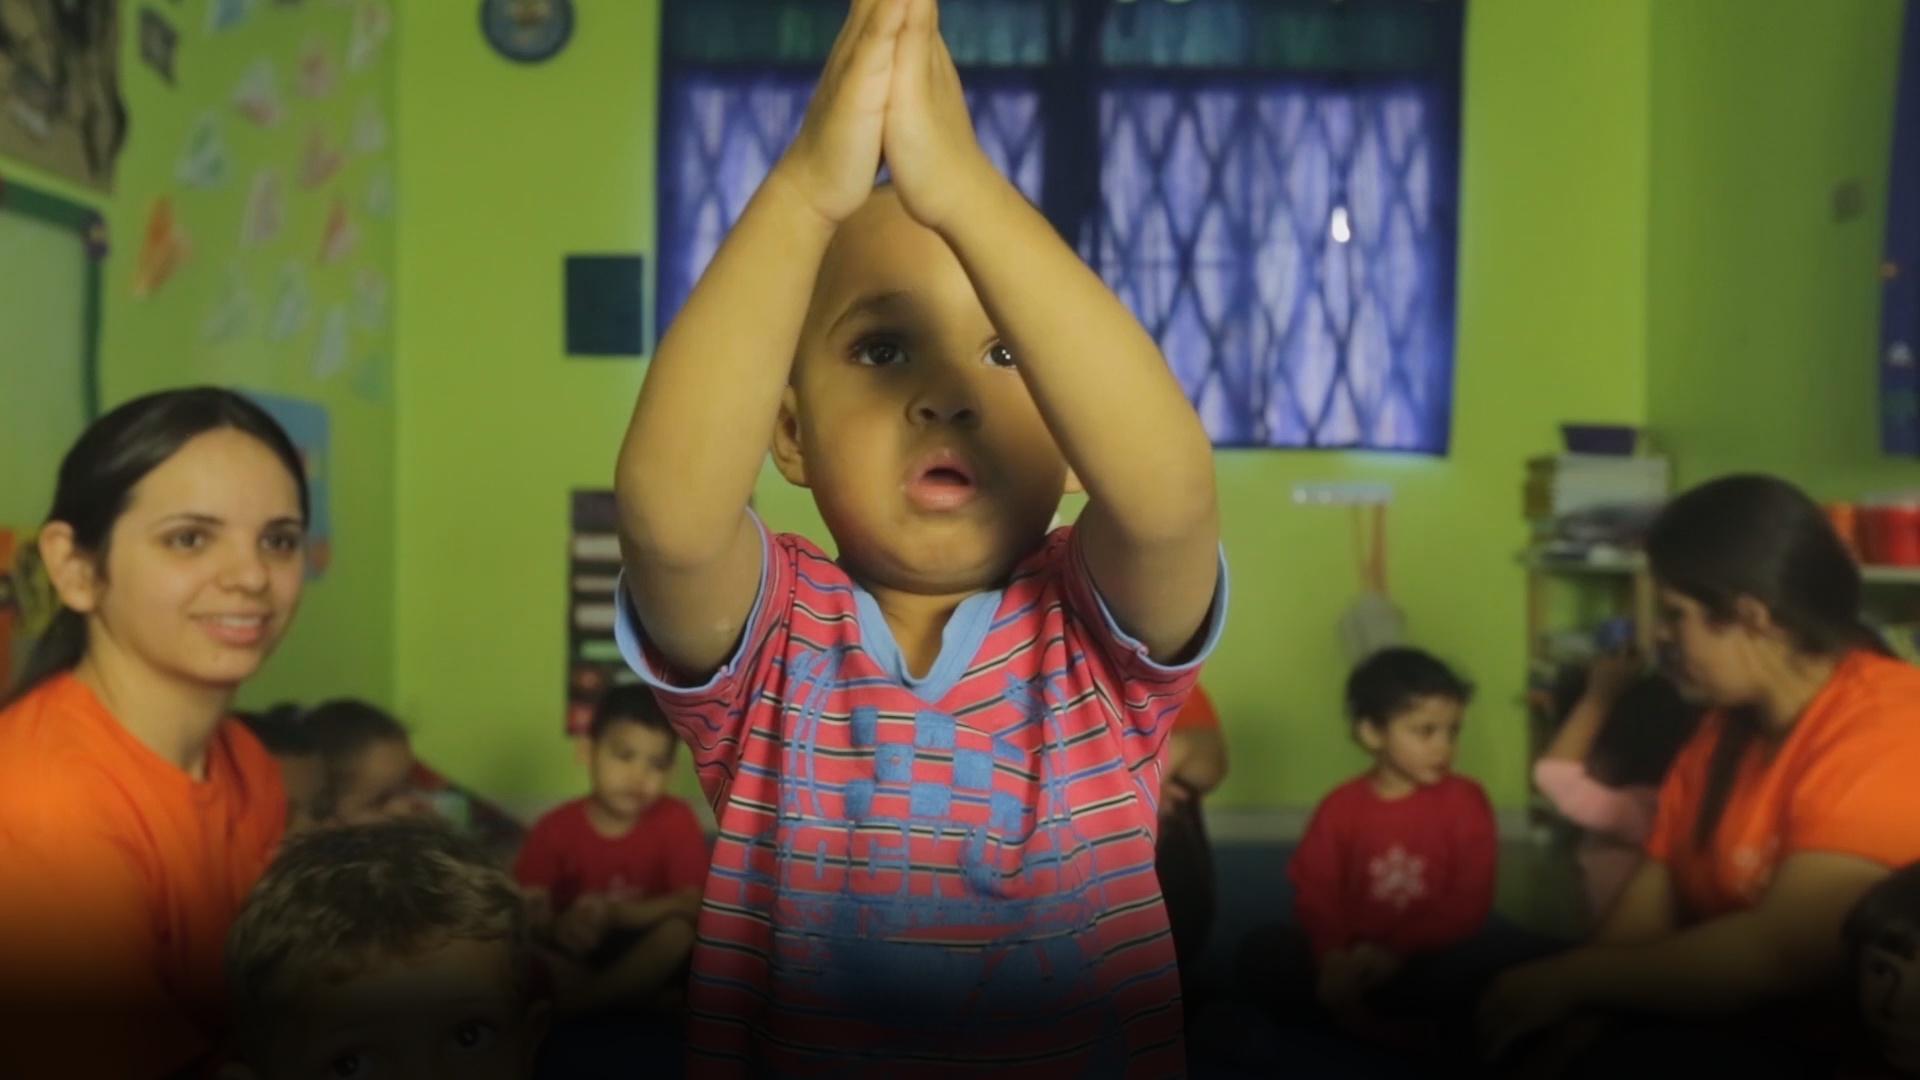 巴西 圣保罗 幼儿教育 育儿 瑜伽 巴西圣保罗贫民区有家幼儿园,结合了禅道思想和瑜伽理念来辅导孩子们的成长。孩子们都好萌好可爱。@巴西驻华大使馆 @育儿知识大王 @育儿网官方微博